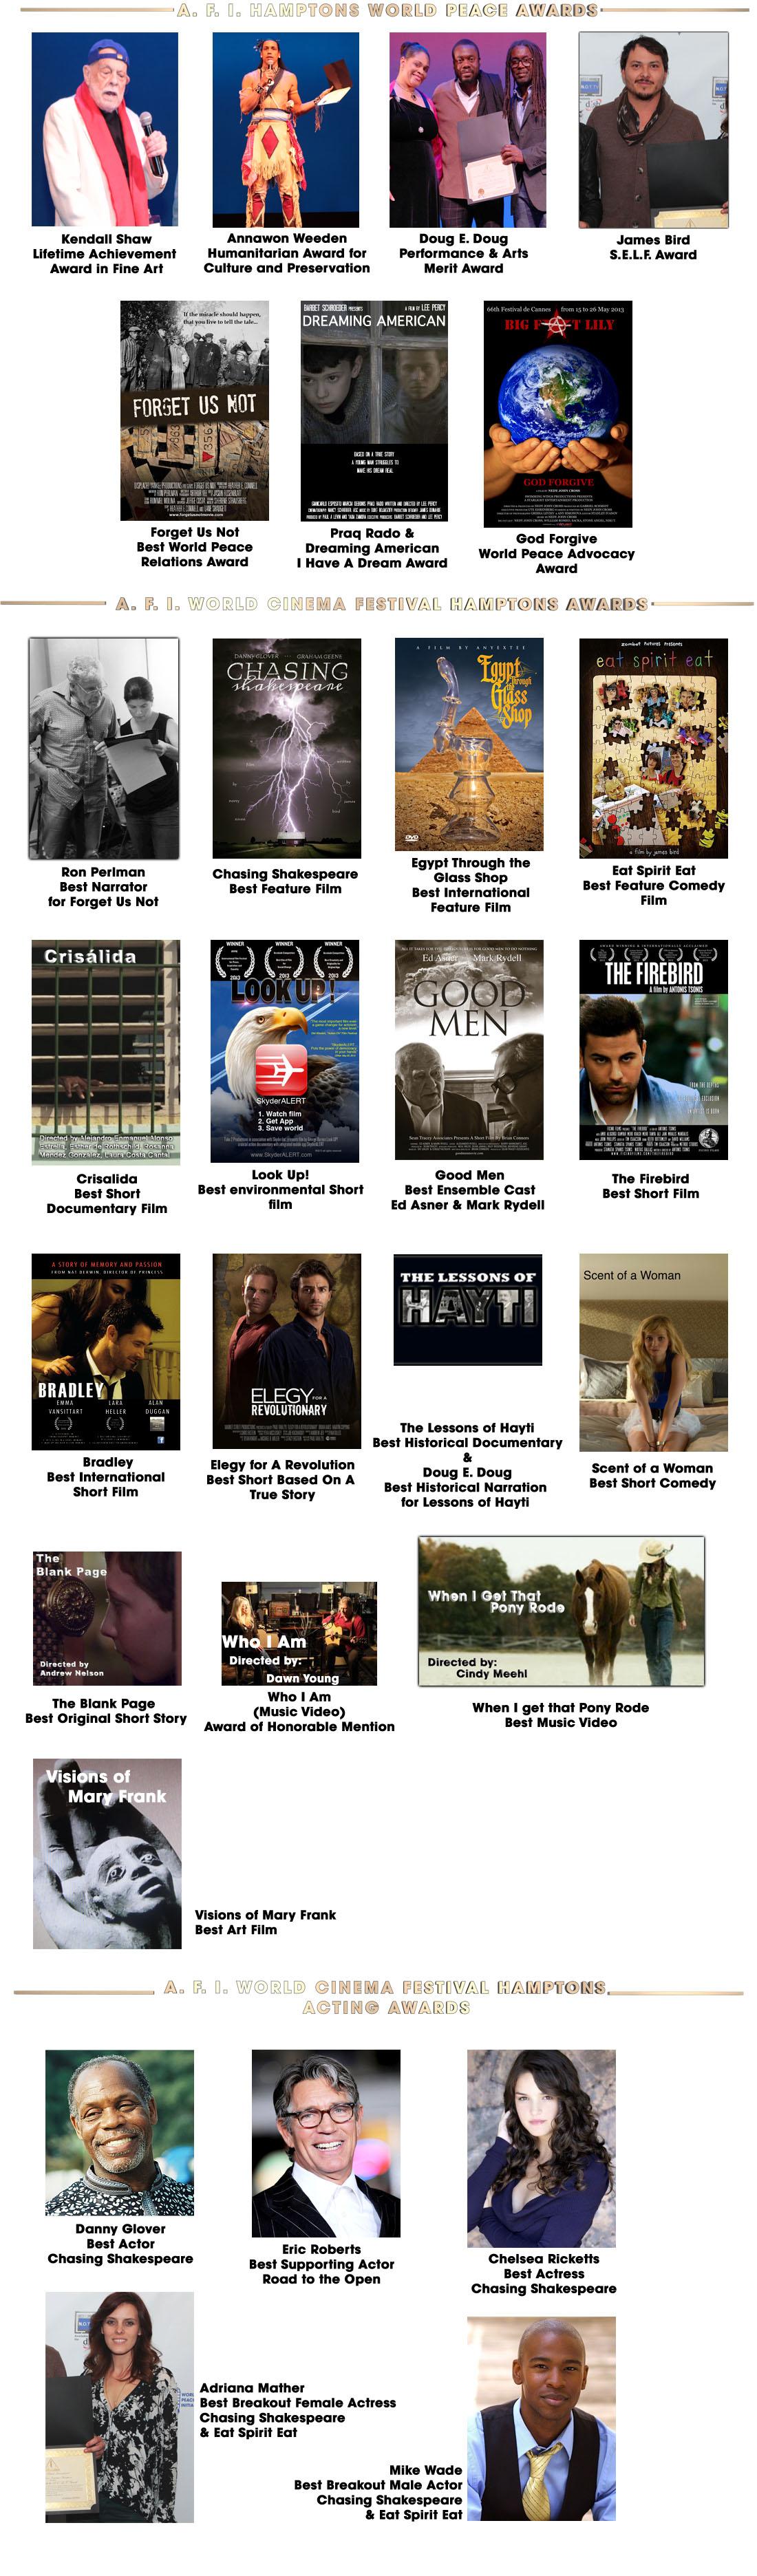 2013 AFI Hamptons Award Winners 2.jpg